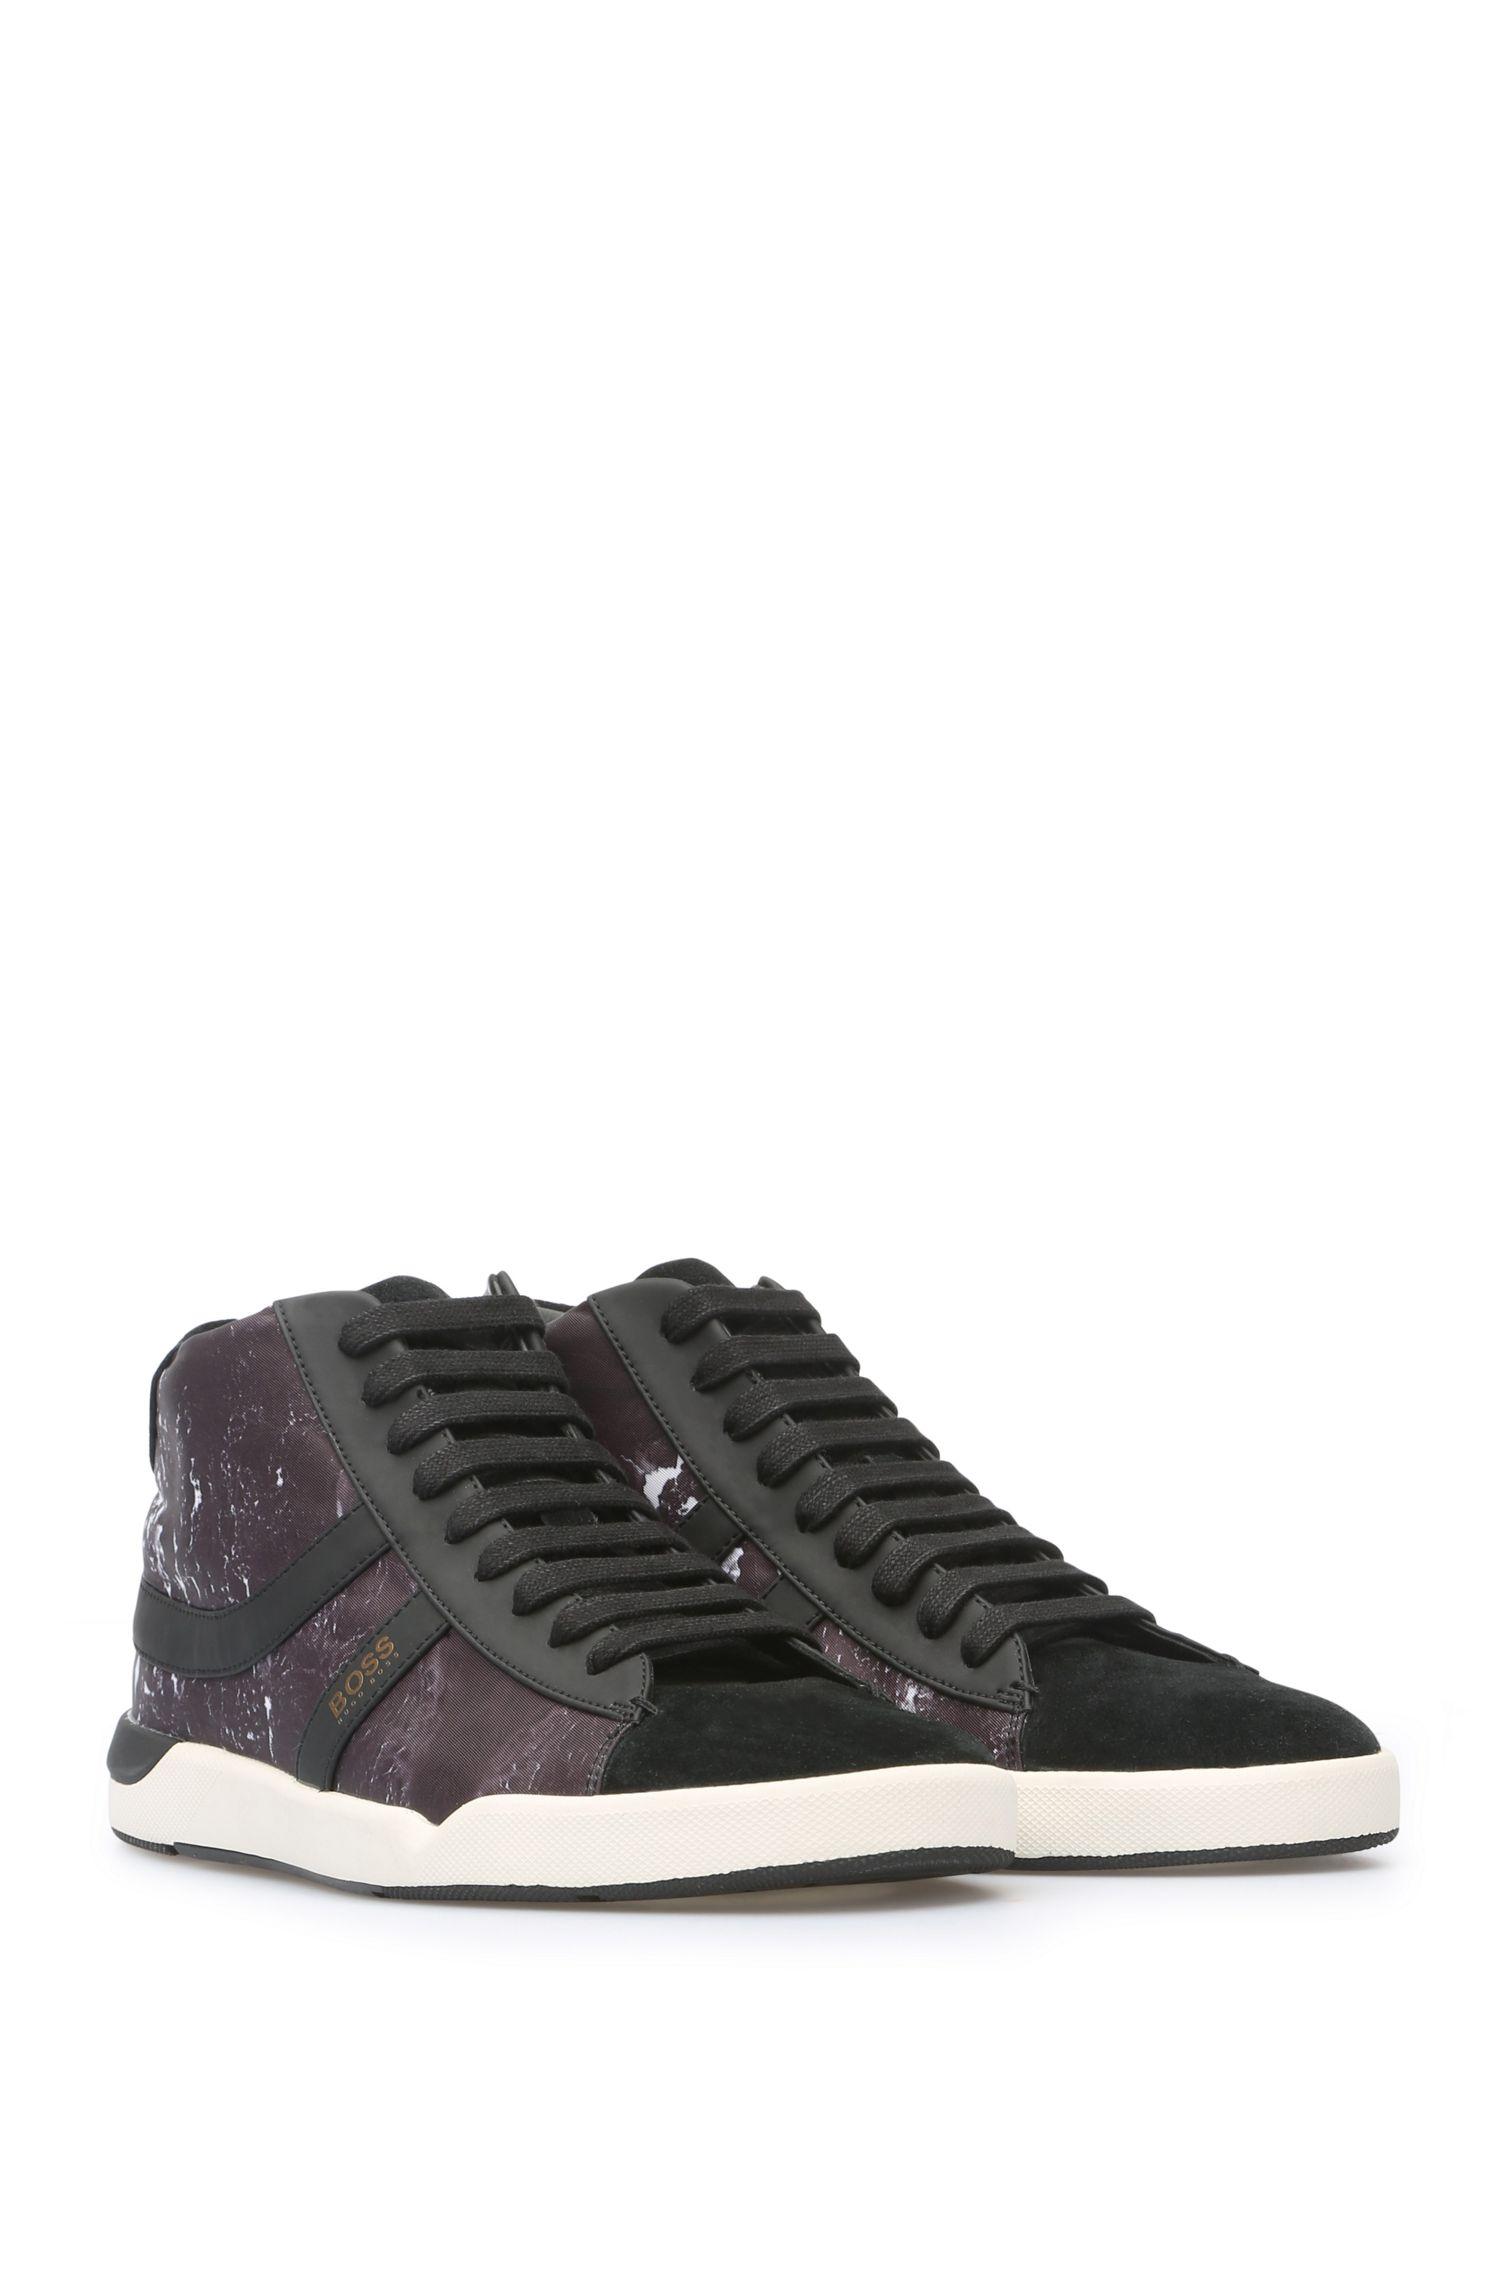 Sneakers mit Textil, Velours und gummierten Details: ´Stillnes_Midc_nypr`